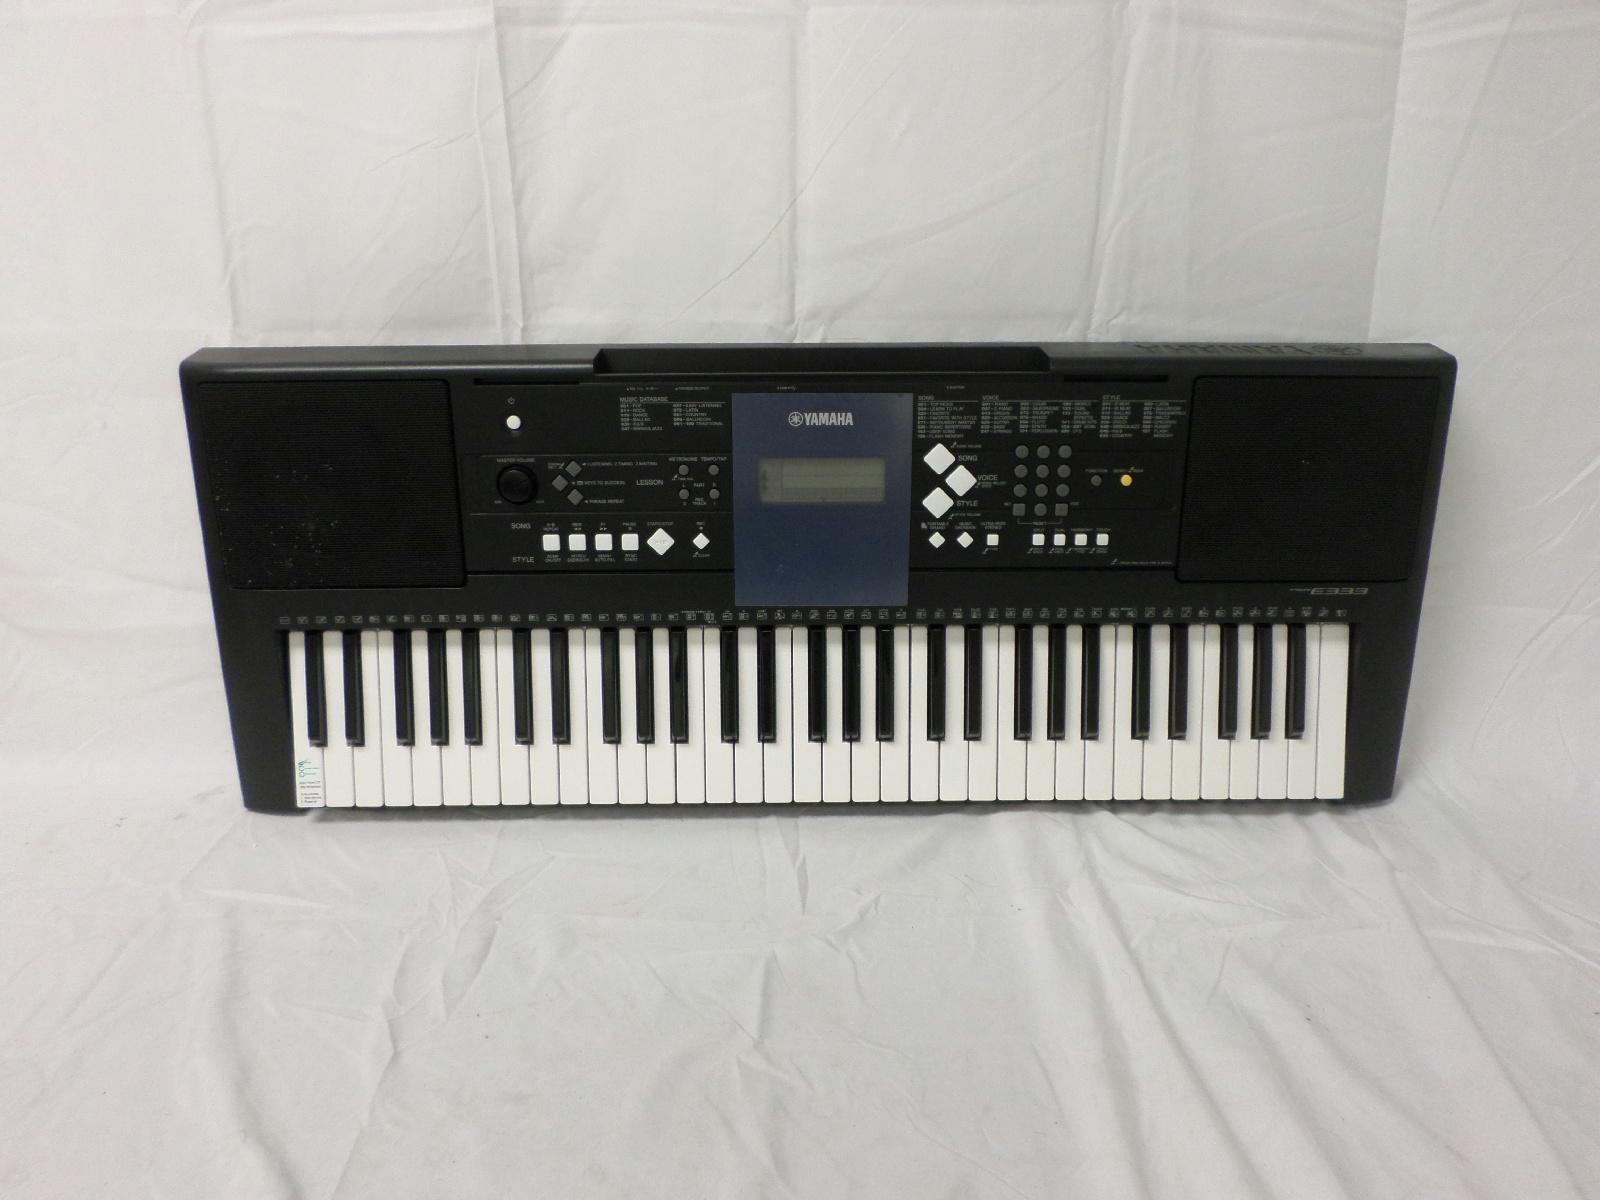 Yamaha keyboard psr e333 price in malaysia 4d